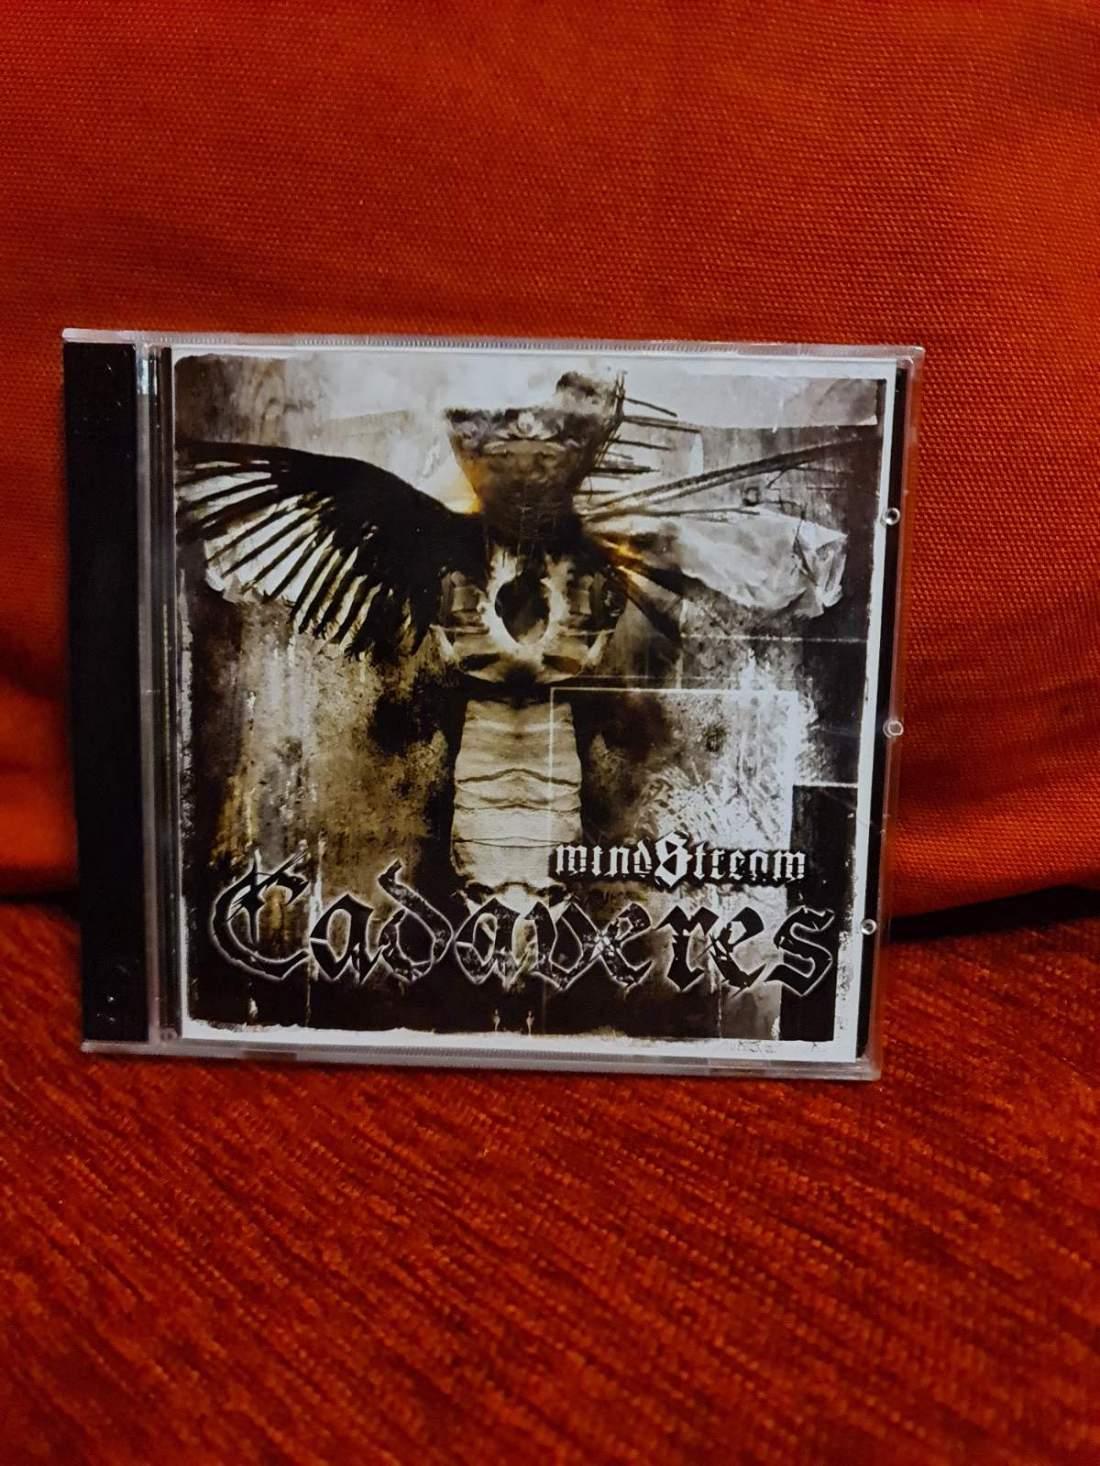 CADAVERES - MINDSTREAM CD